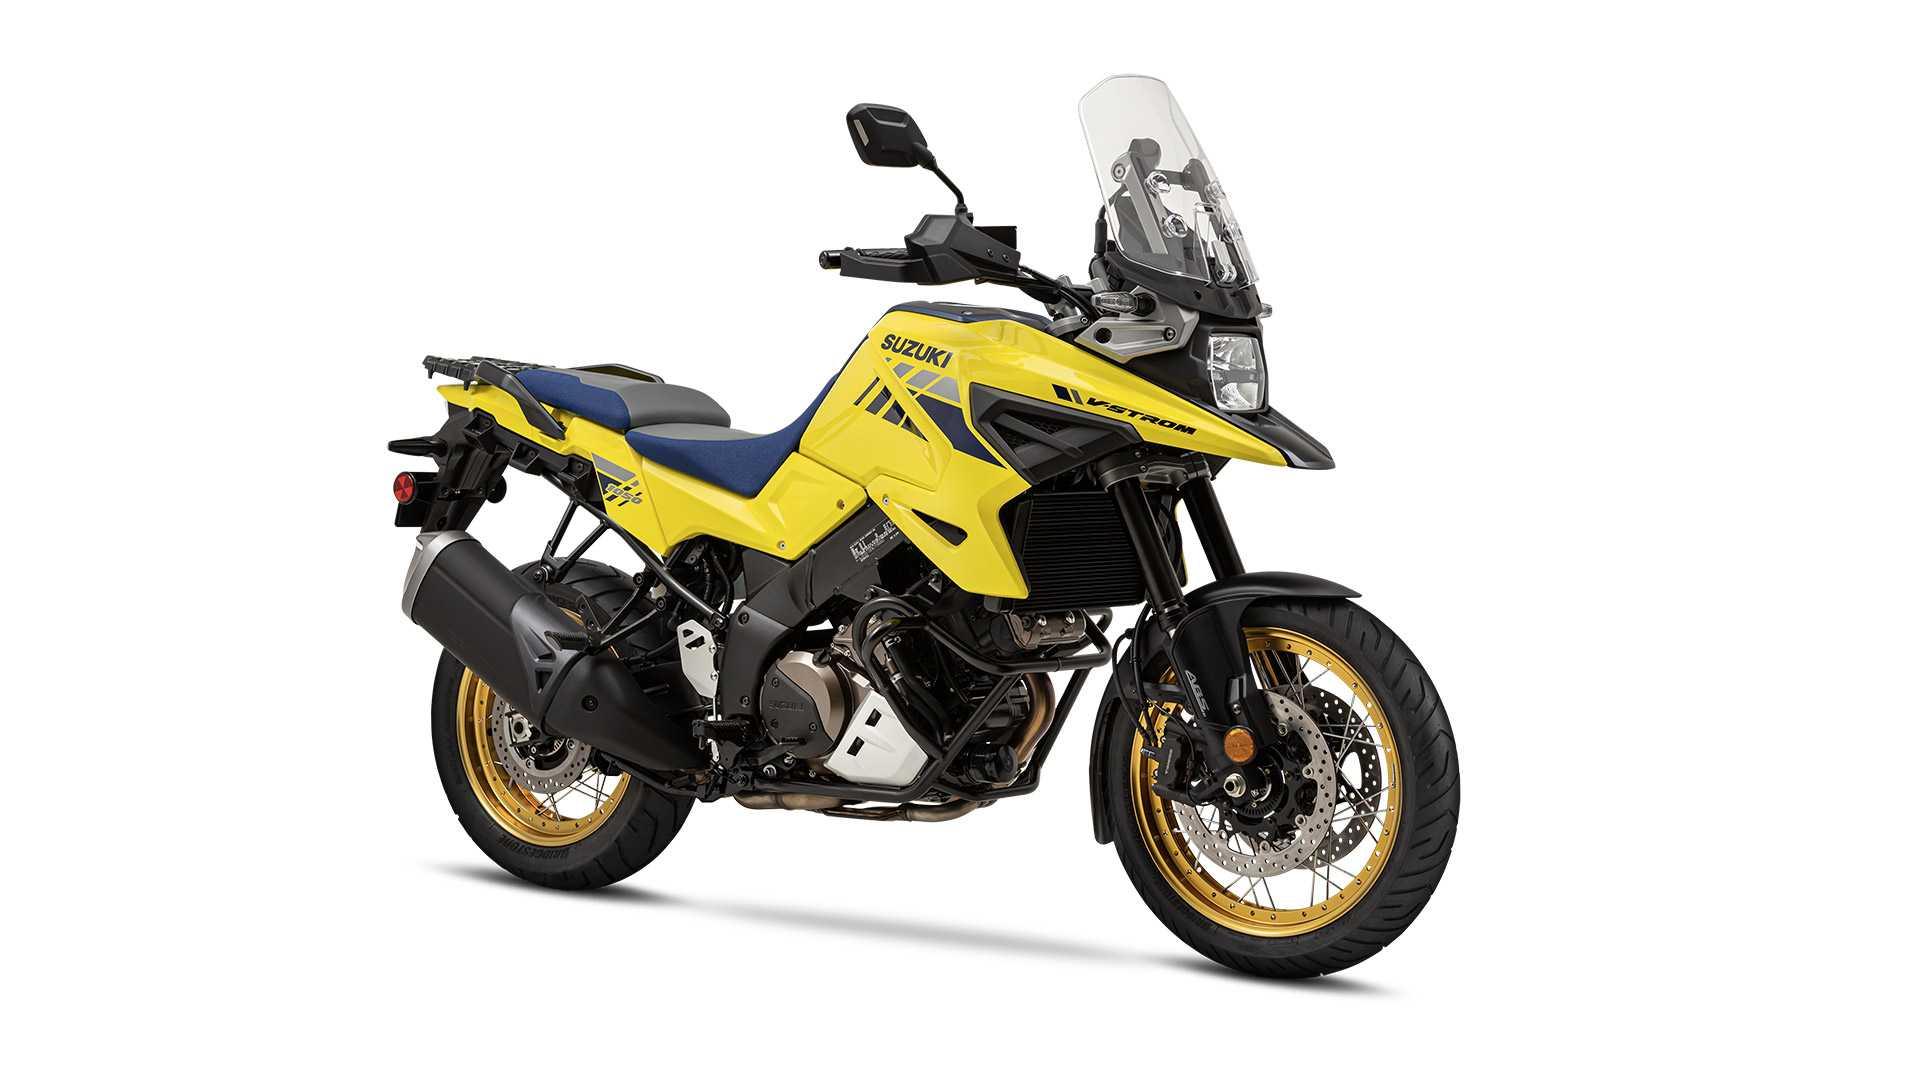 Suzuki V-Strom 1050 / 1050XT 2020